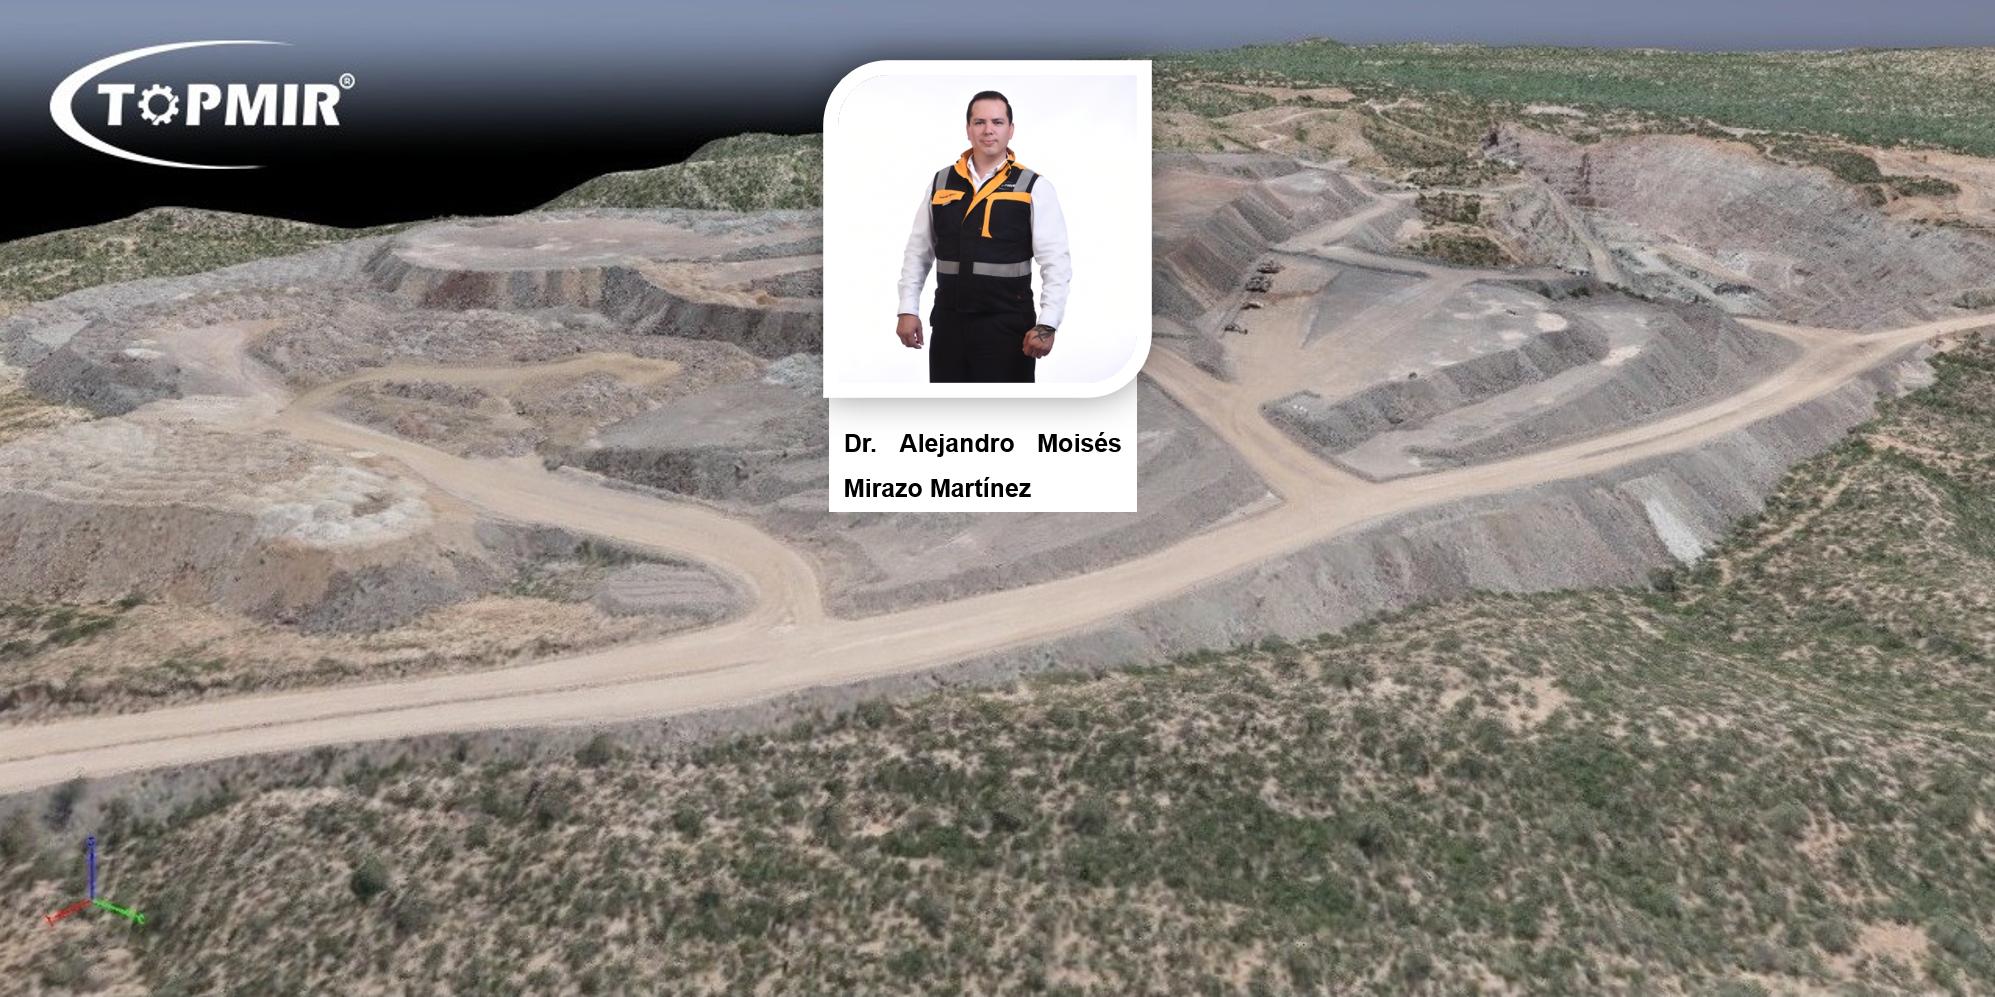 El deslinde topográfico permite determinar las medidas precisas de un predio